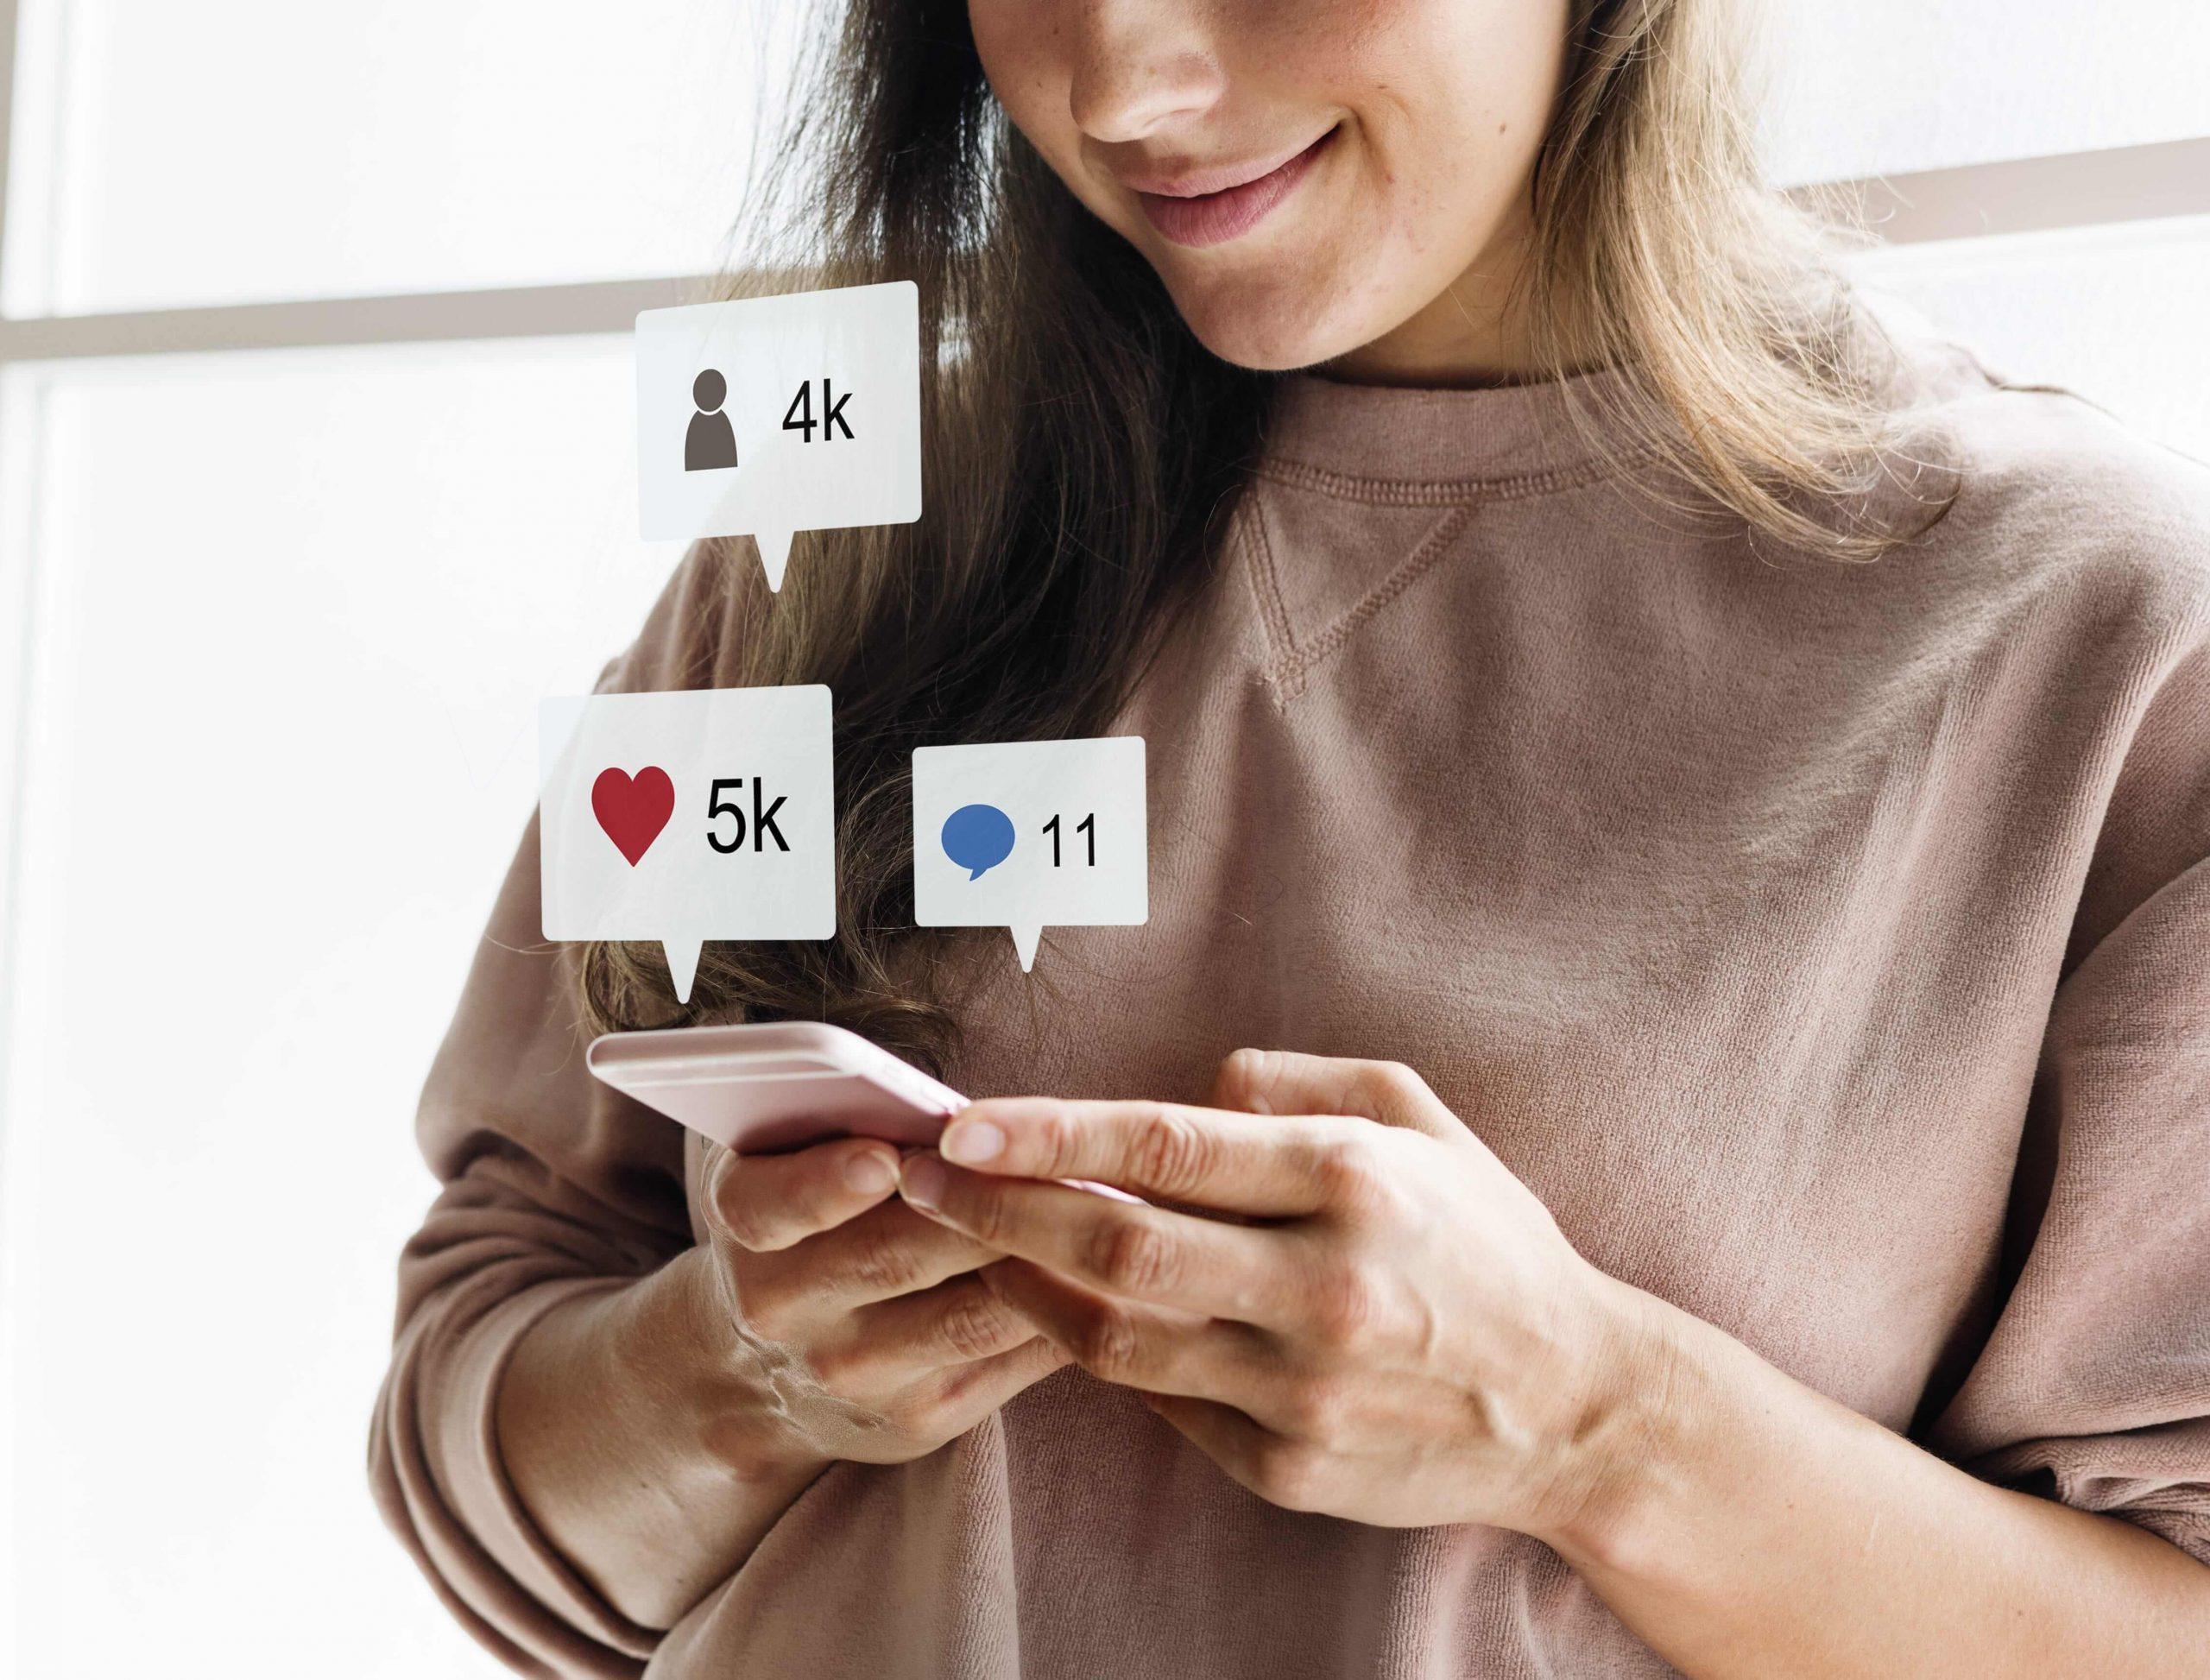 come-funziona-algoritmo-instagram